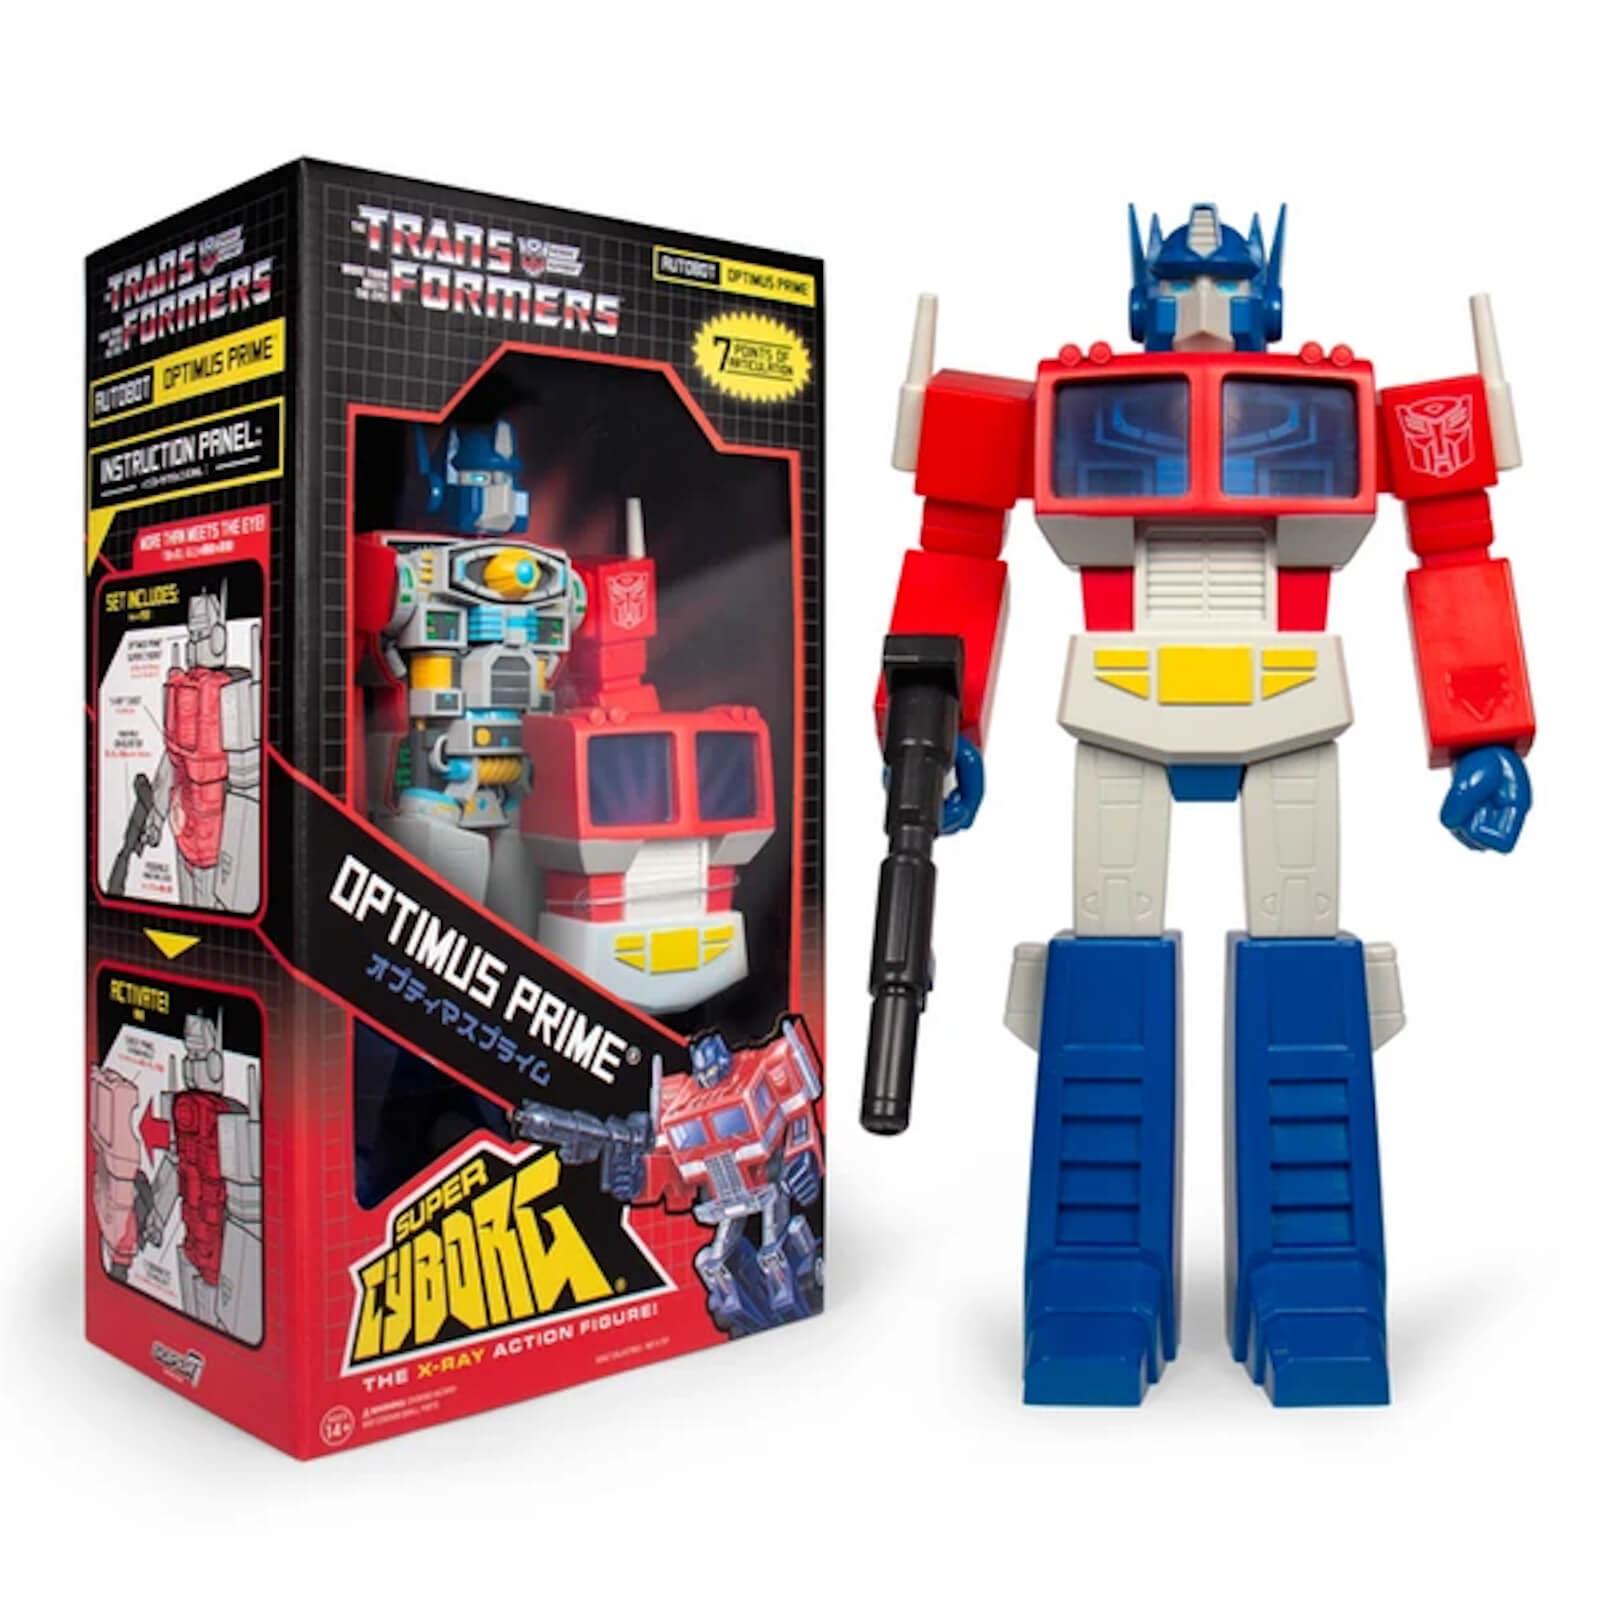 Statuetta di Optimus Prime da Transformers, Super Cyborg - Super7